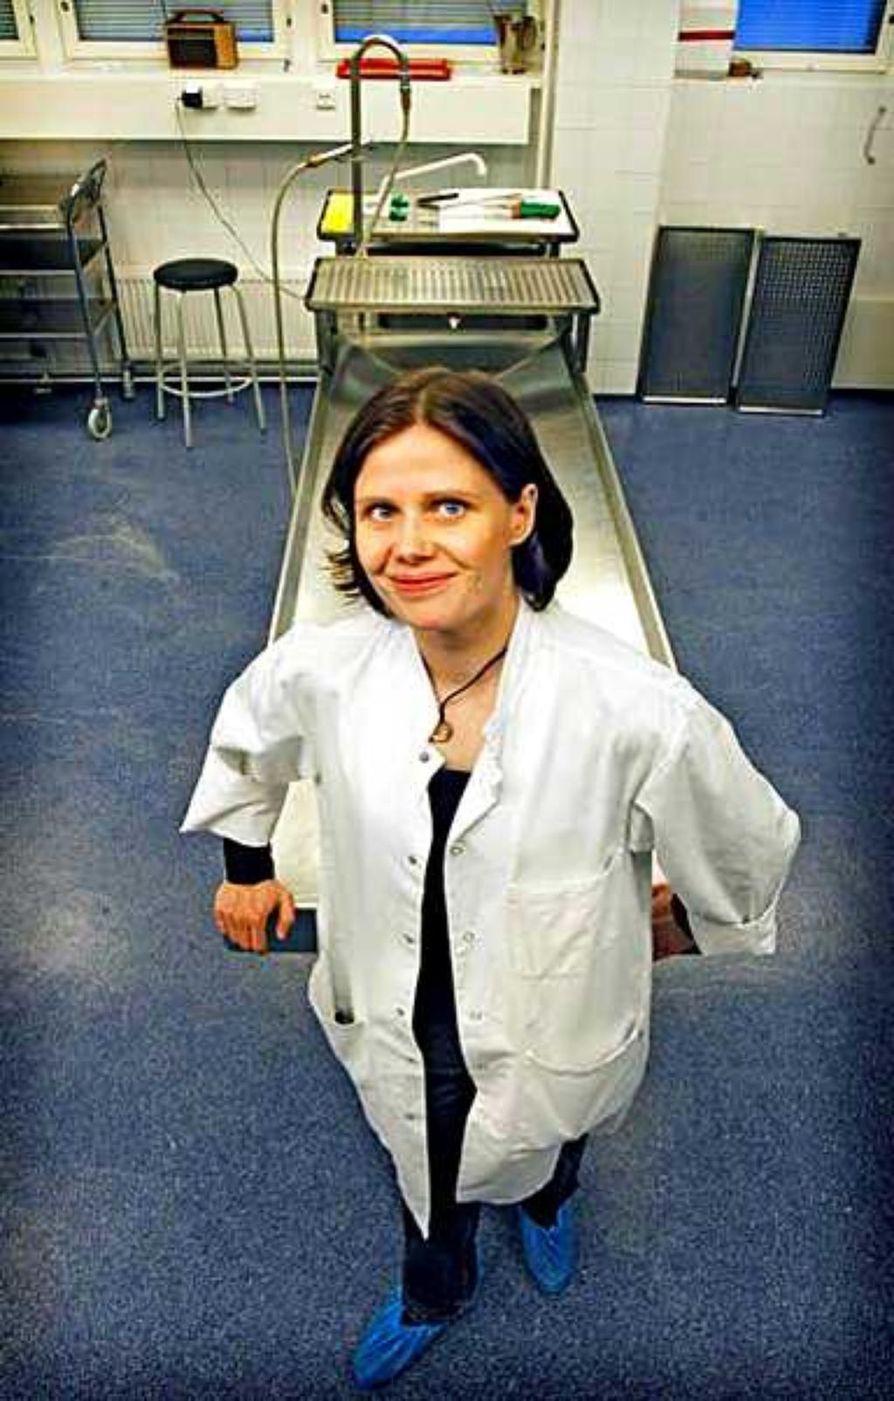 Saila Kauppila näkee avauspöydällä usein sairauksien runtelemia vainajia. Patologille heistä avautuva tieto auttaa kehittämään hoitoa.